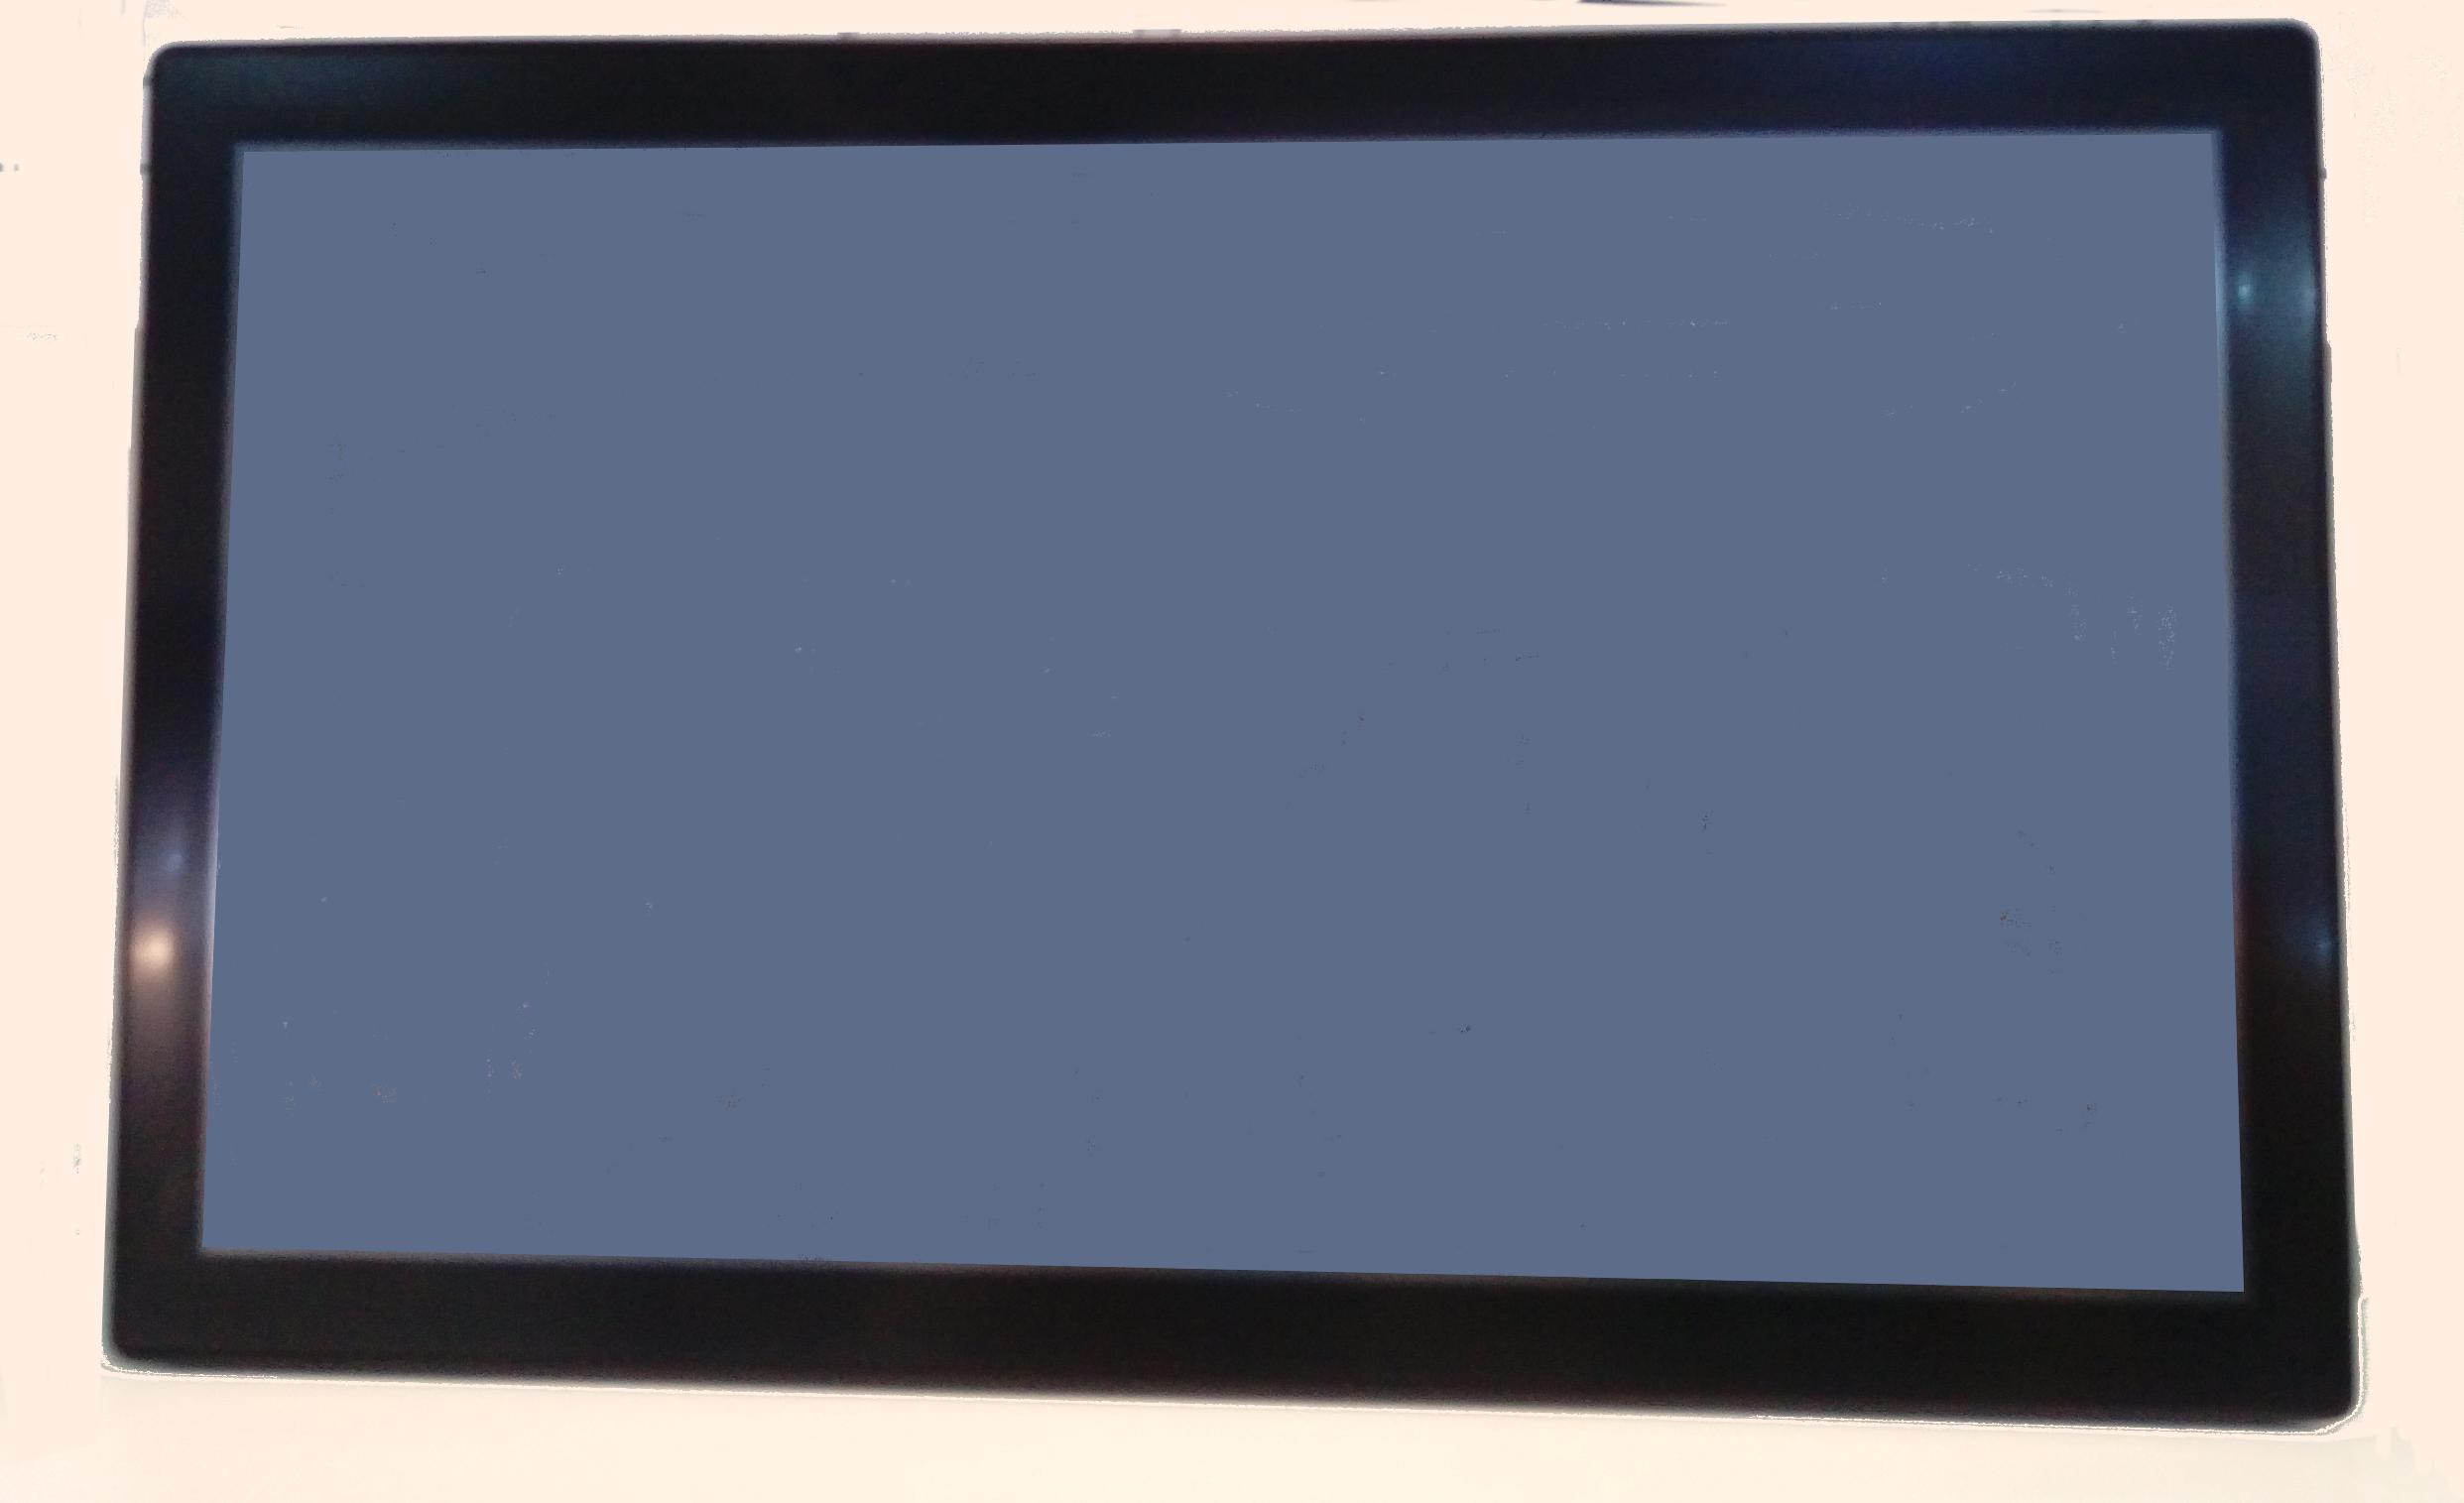 DS185 slim panel PC